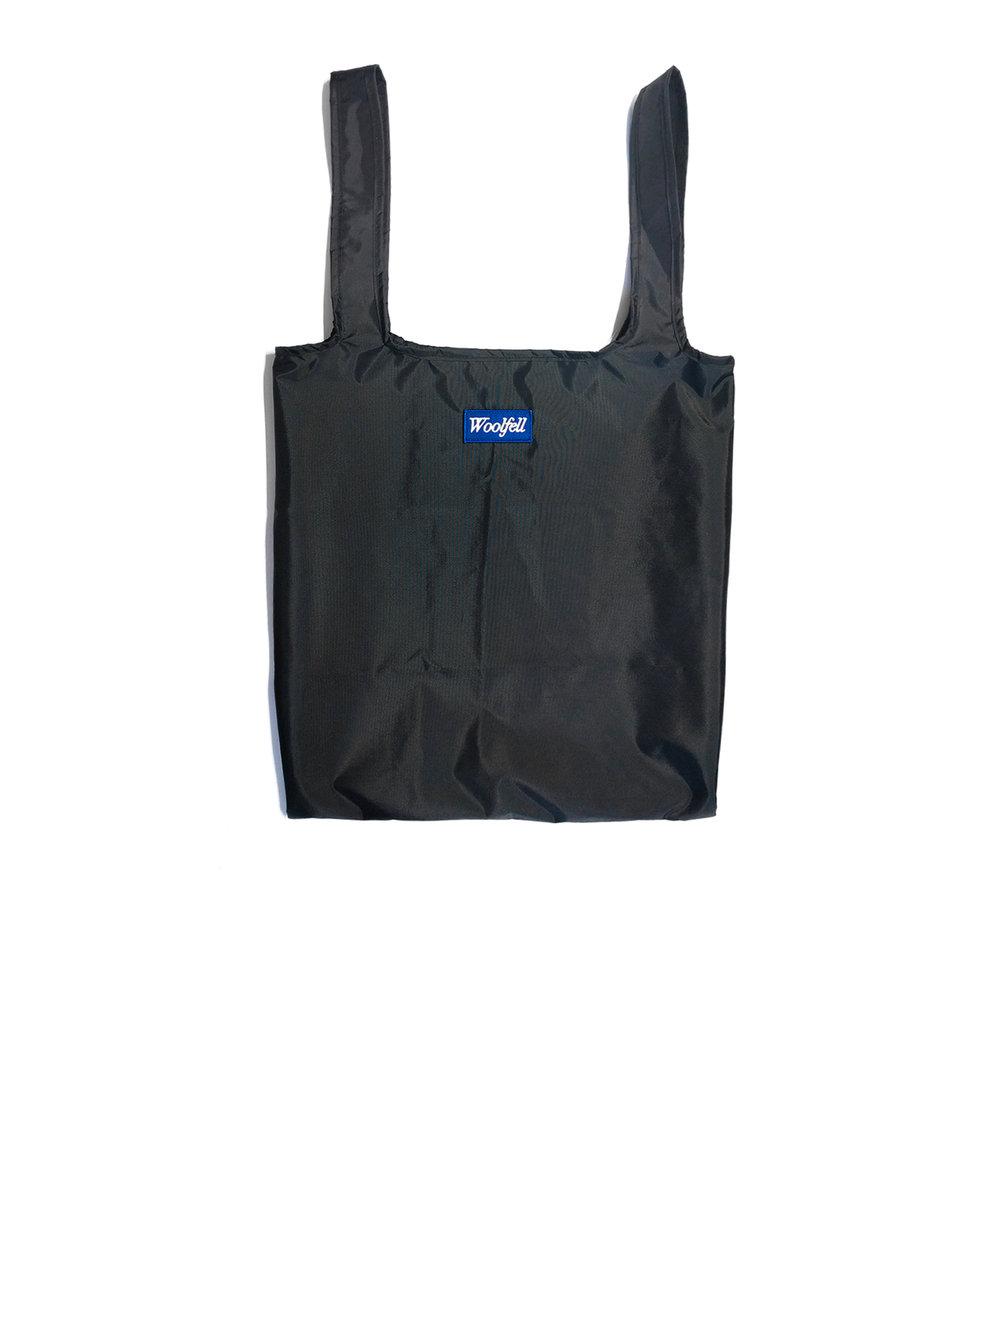 Shopping bag - 28.00$